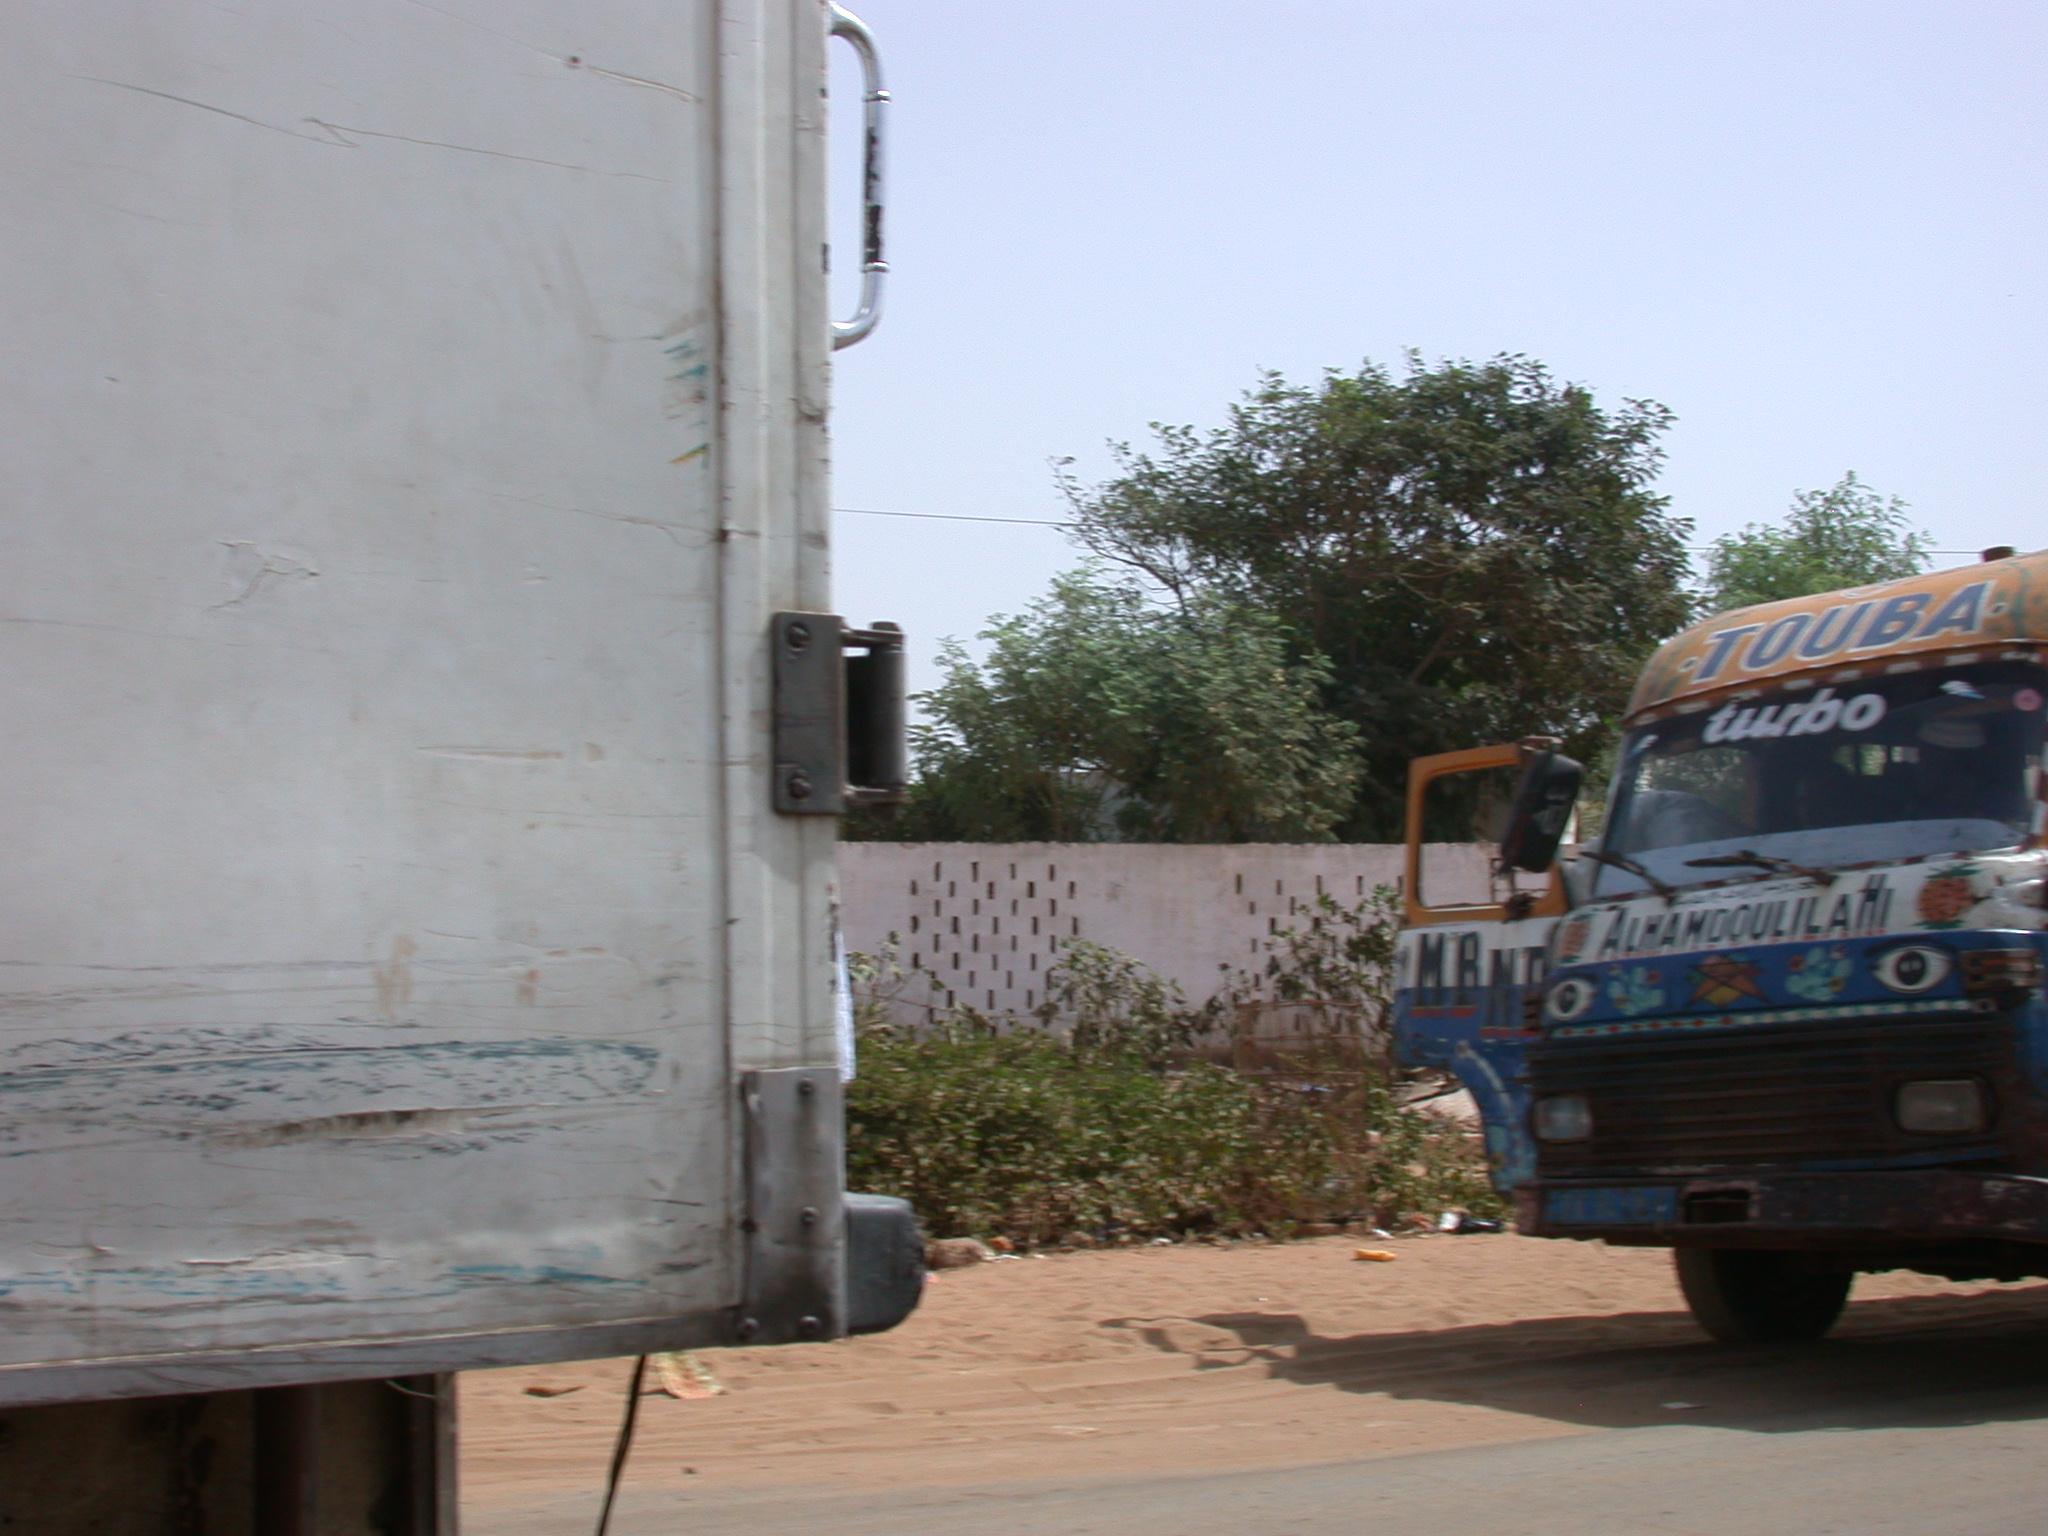 Front of Elhamdulilah Bus, Dakar, Senegal